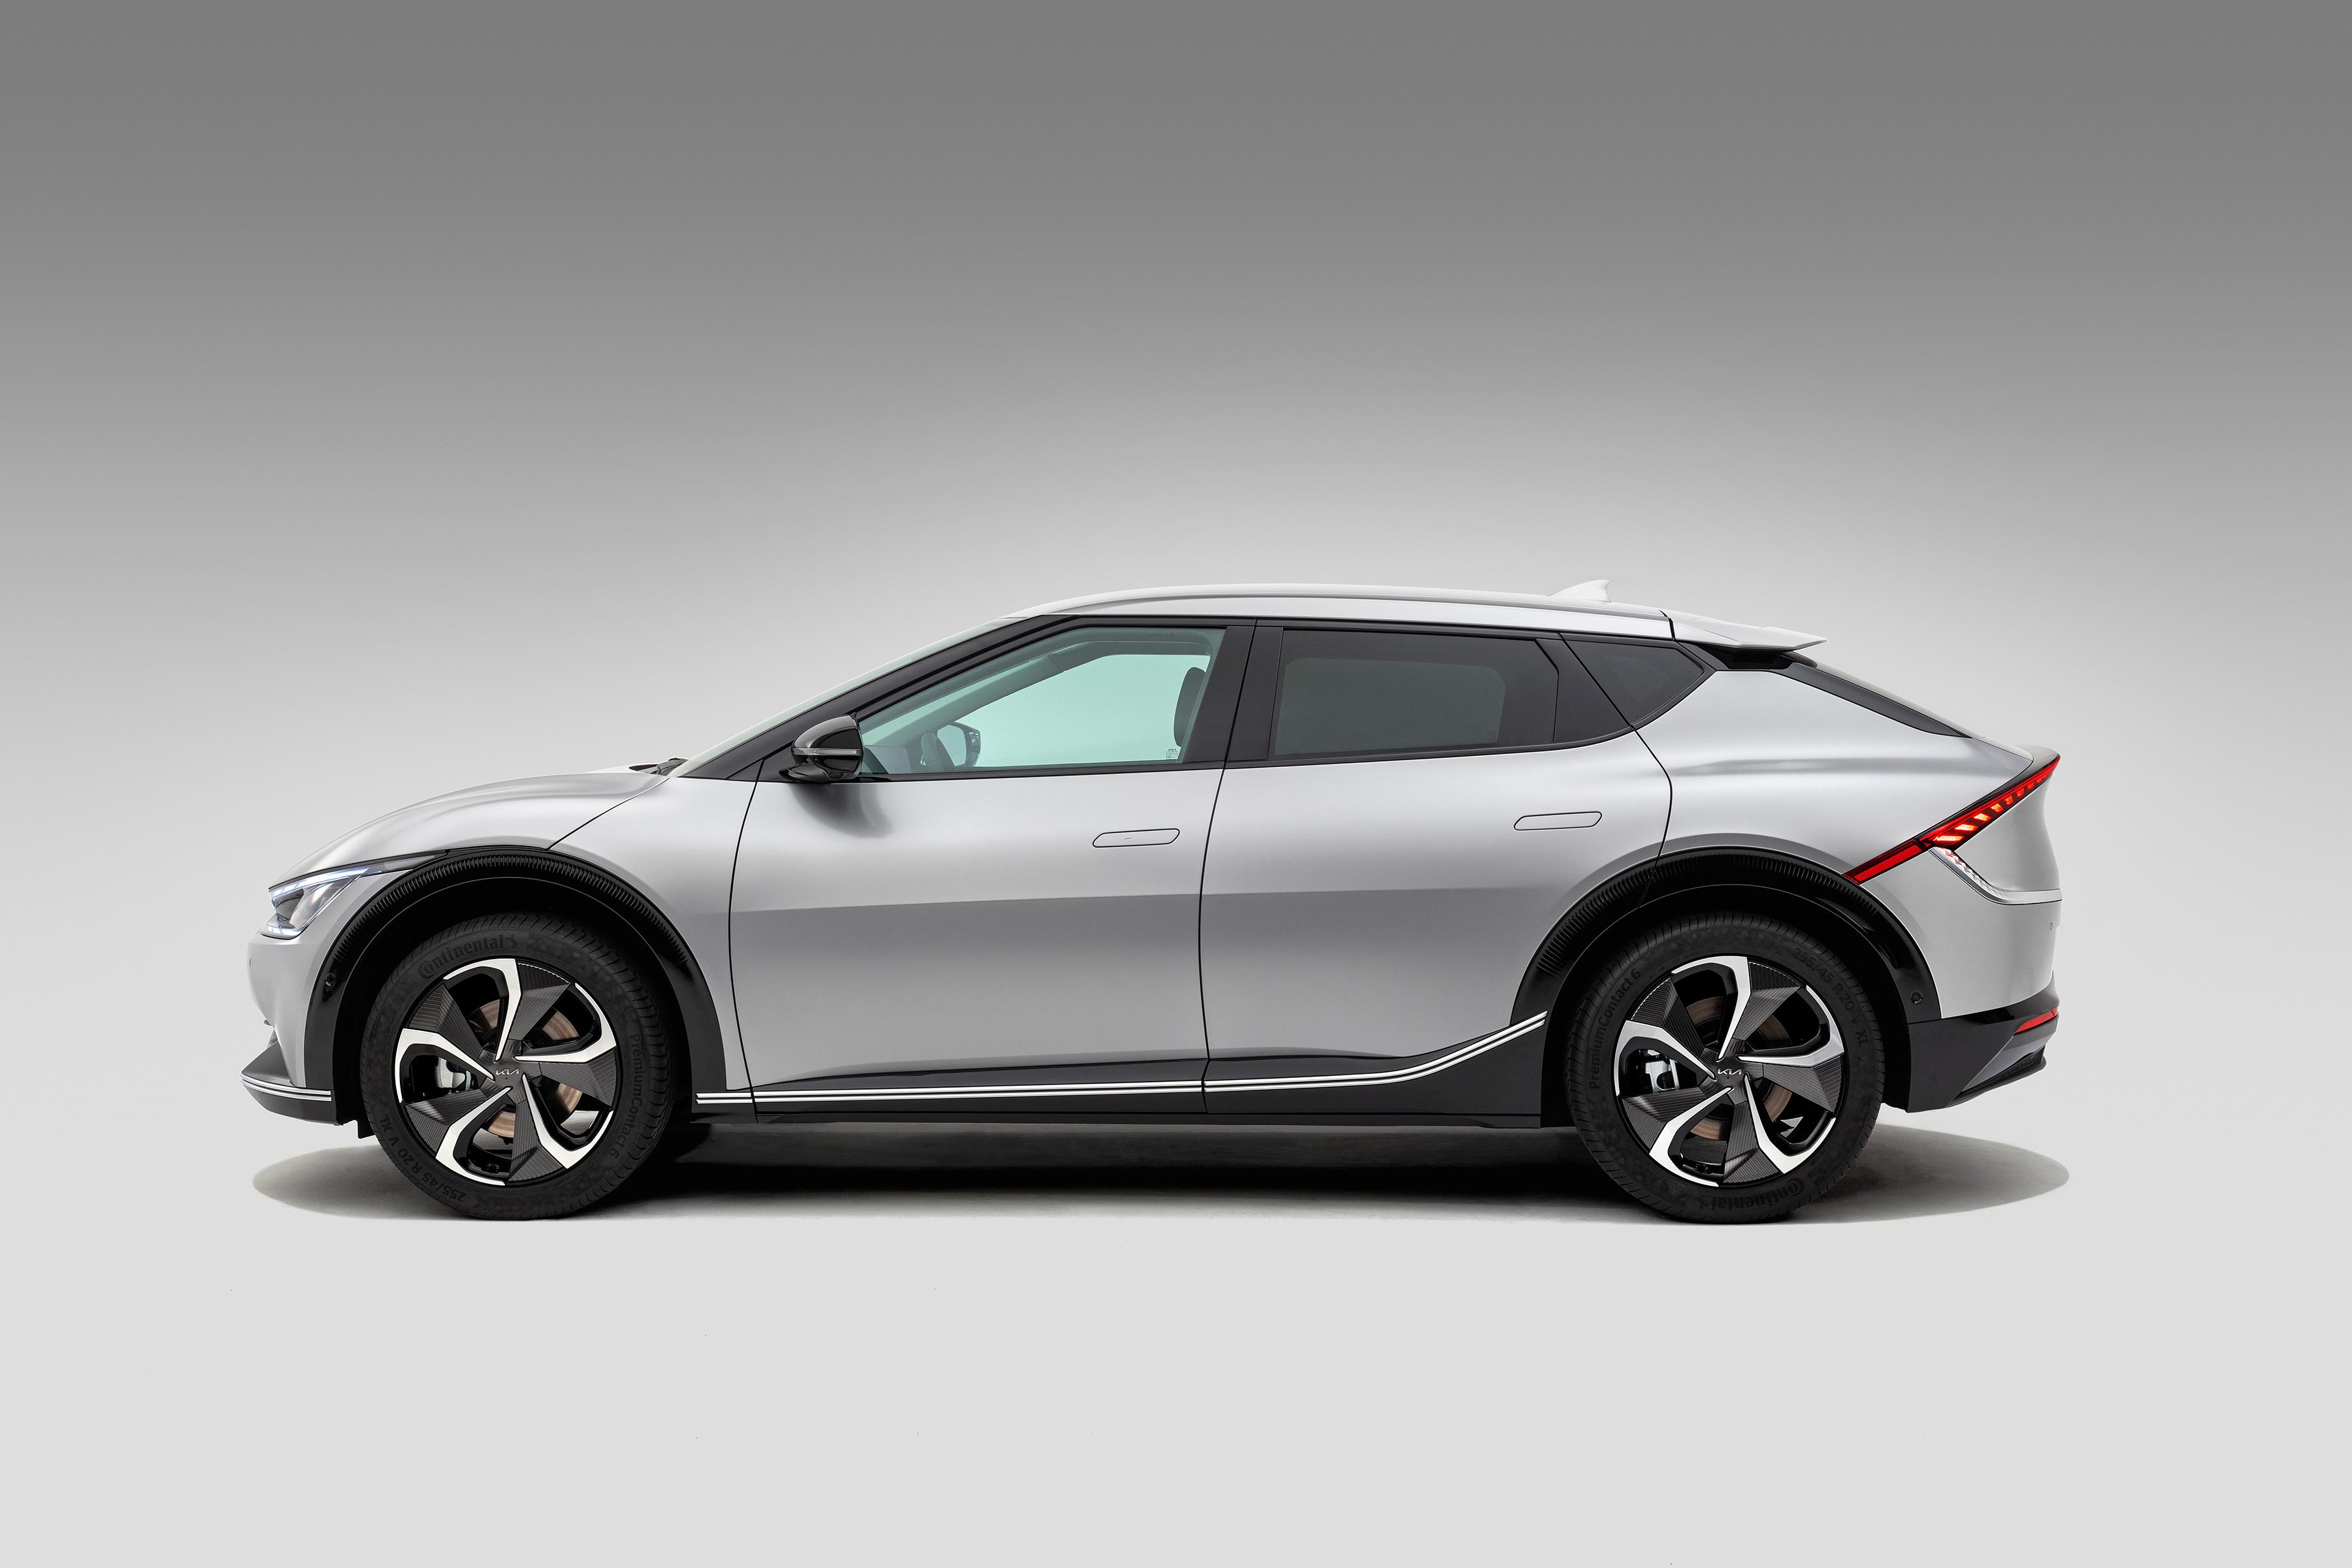 Bilder von KIA EV6, (Worldwide), 2021 Grau Autos Seitlich Metallisch 3600x2400 graue graues auto automobil